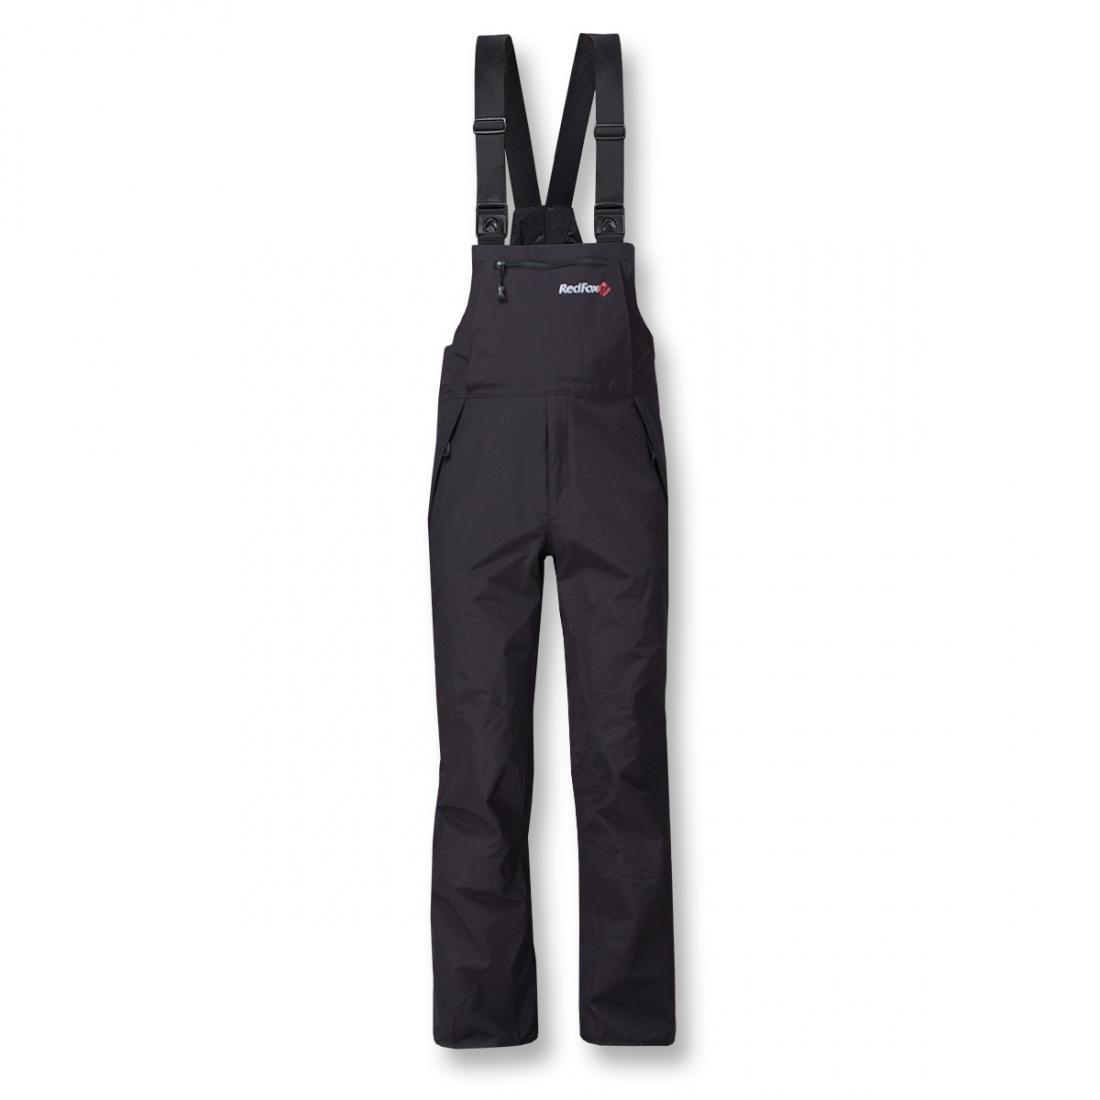 Брюки ветрозащитные Mont BlancБрюки, штаны<br>Штормовой полукомбинезон из серия Mountain Sport. Разъемные двухзамковые молнии по всей длине боковых швов позволят снять и надеть полукомбинезон, не снимая обуви.  <br> <br><br>Материал – Dry Factor 1000.<br>Проклеенные швы.<br>&lt;li...<br><br>Цвет: Черный<br>Размер: 58